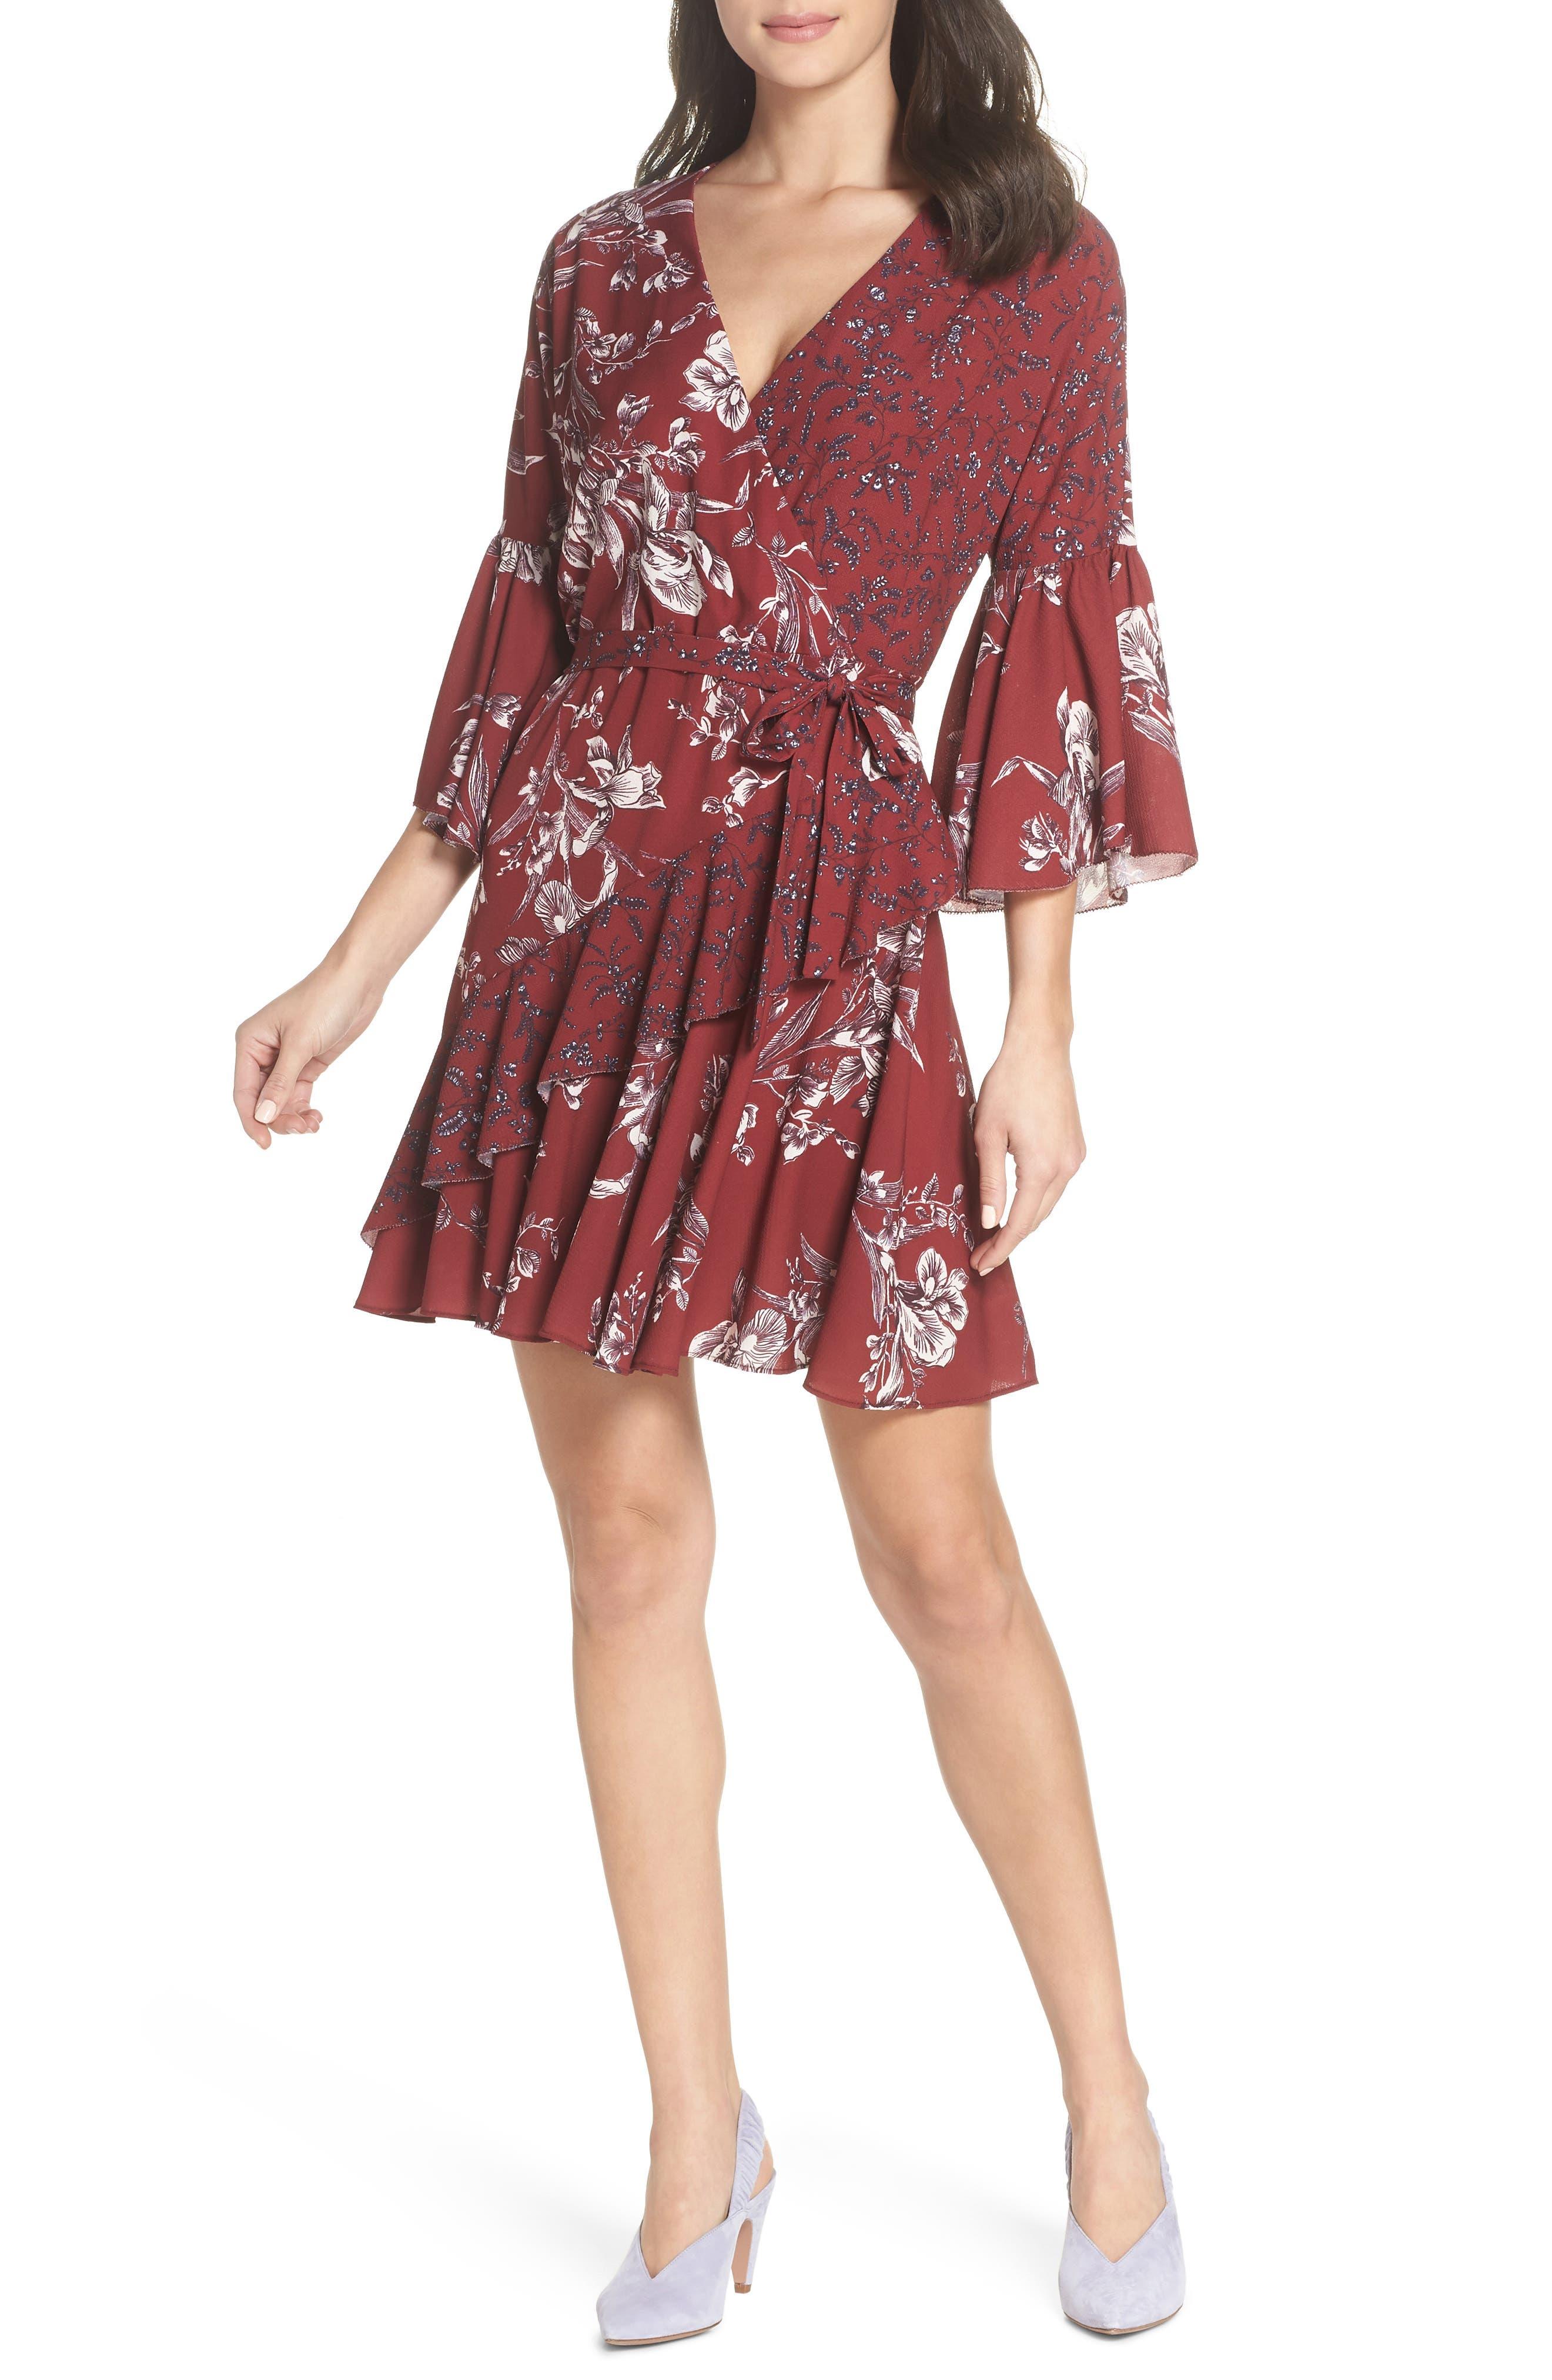 French Connection Ellette Crepe Faux Wrap Dress, Burgundy